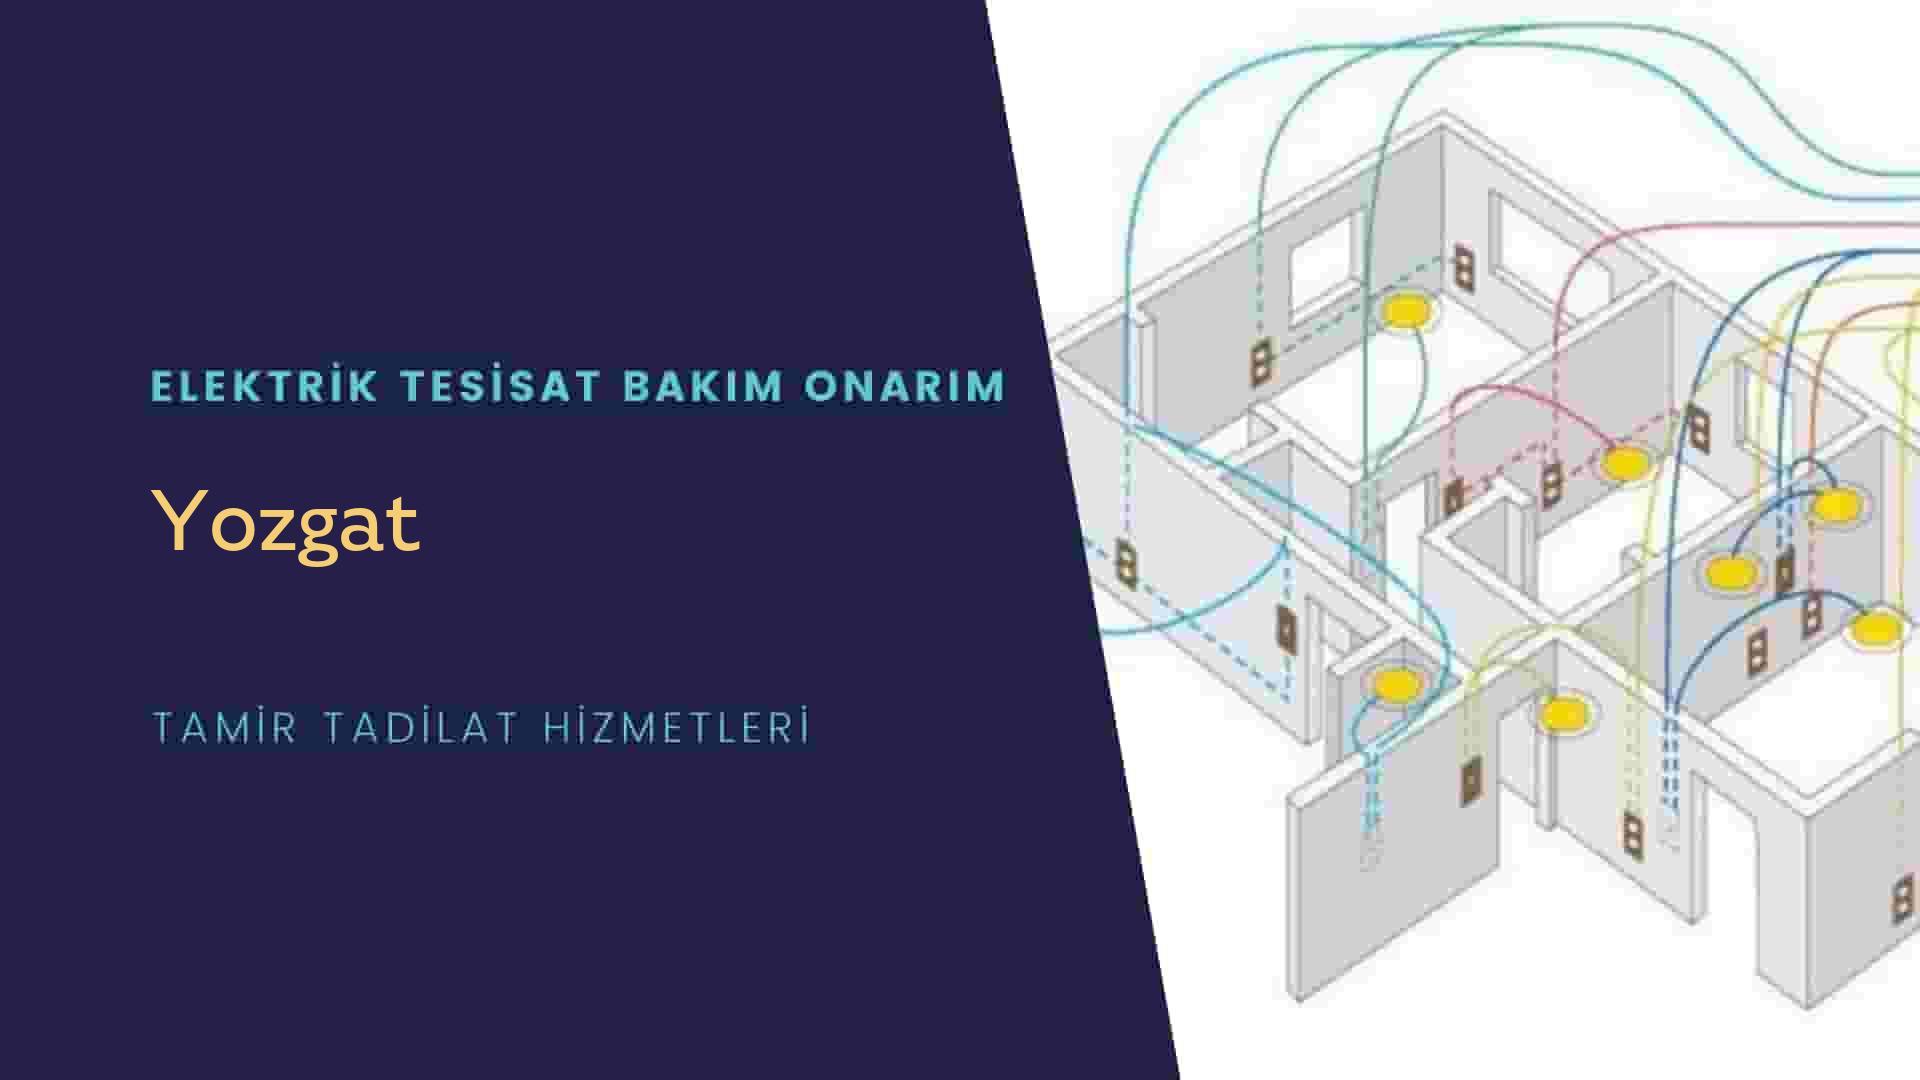 Yozgat'ta elektrik tesisatıustalarımı arıyorsunuz doğru adrestenizi Yozgat elektrik tesisatı ustalarımız 7/24 sizlere hizmet vermekten mutluluk duyar.